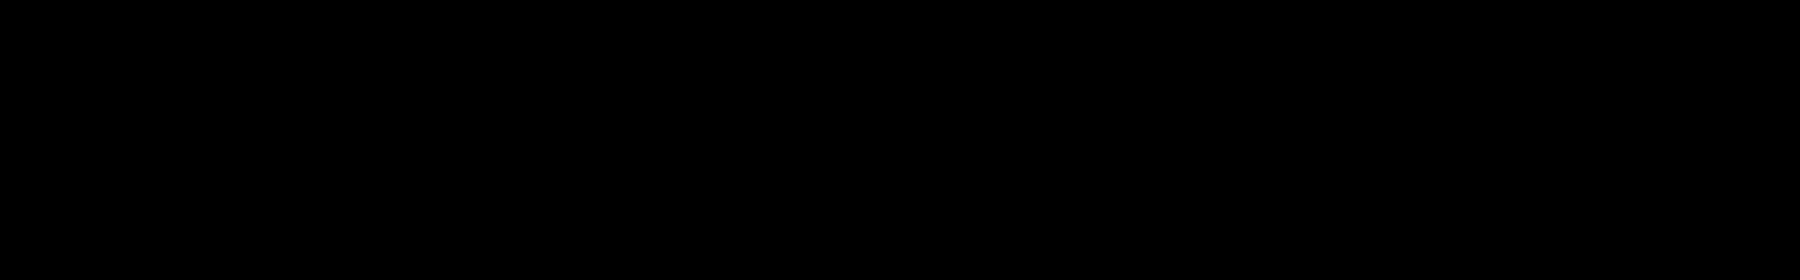 fquake audio waveform